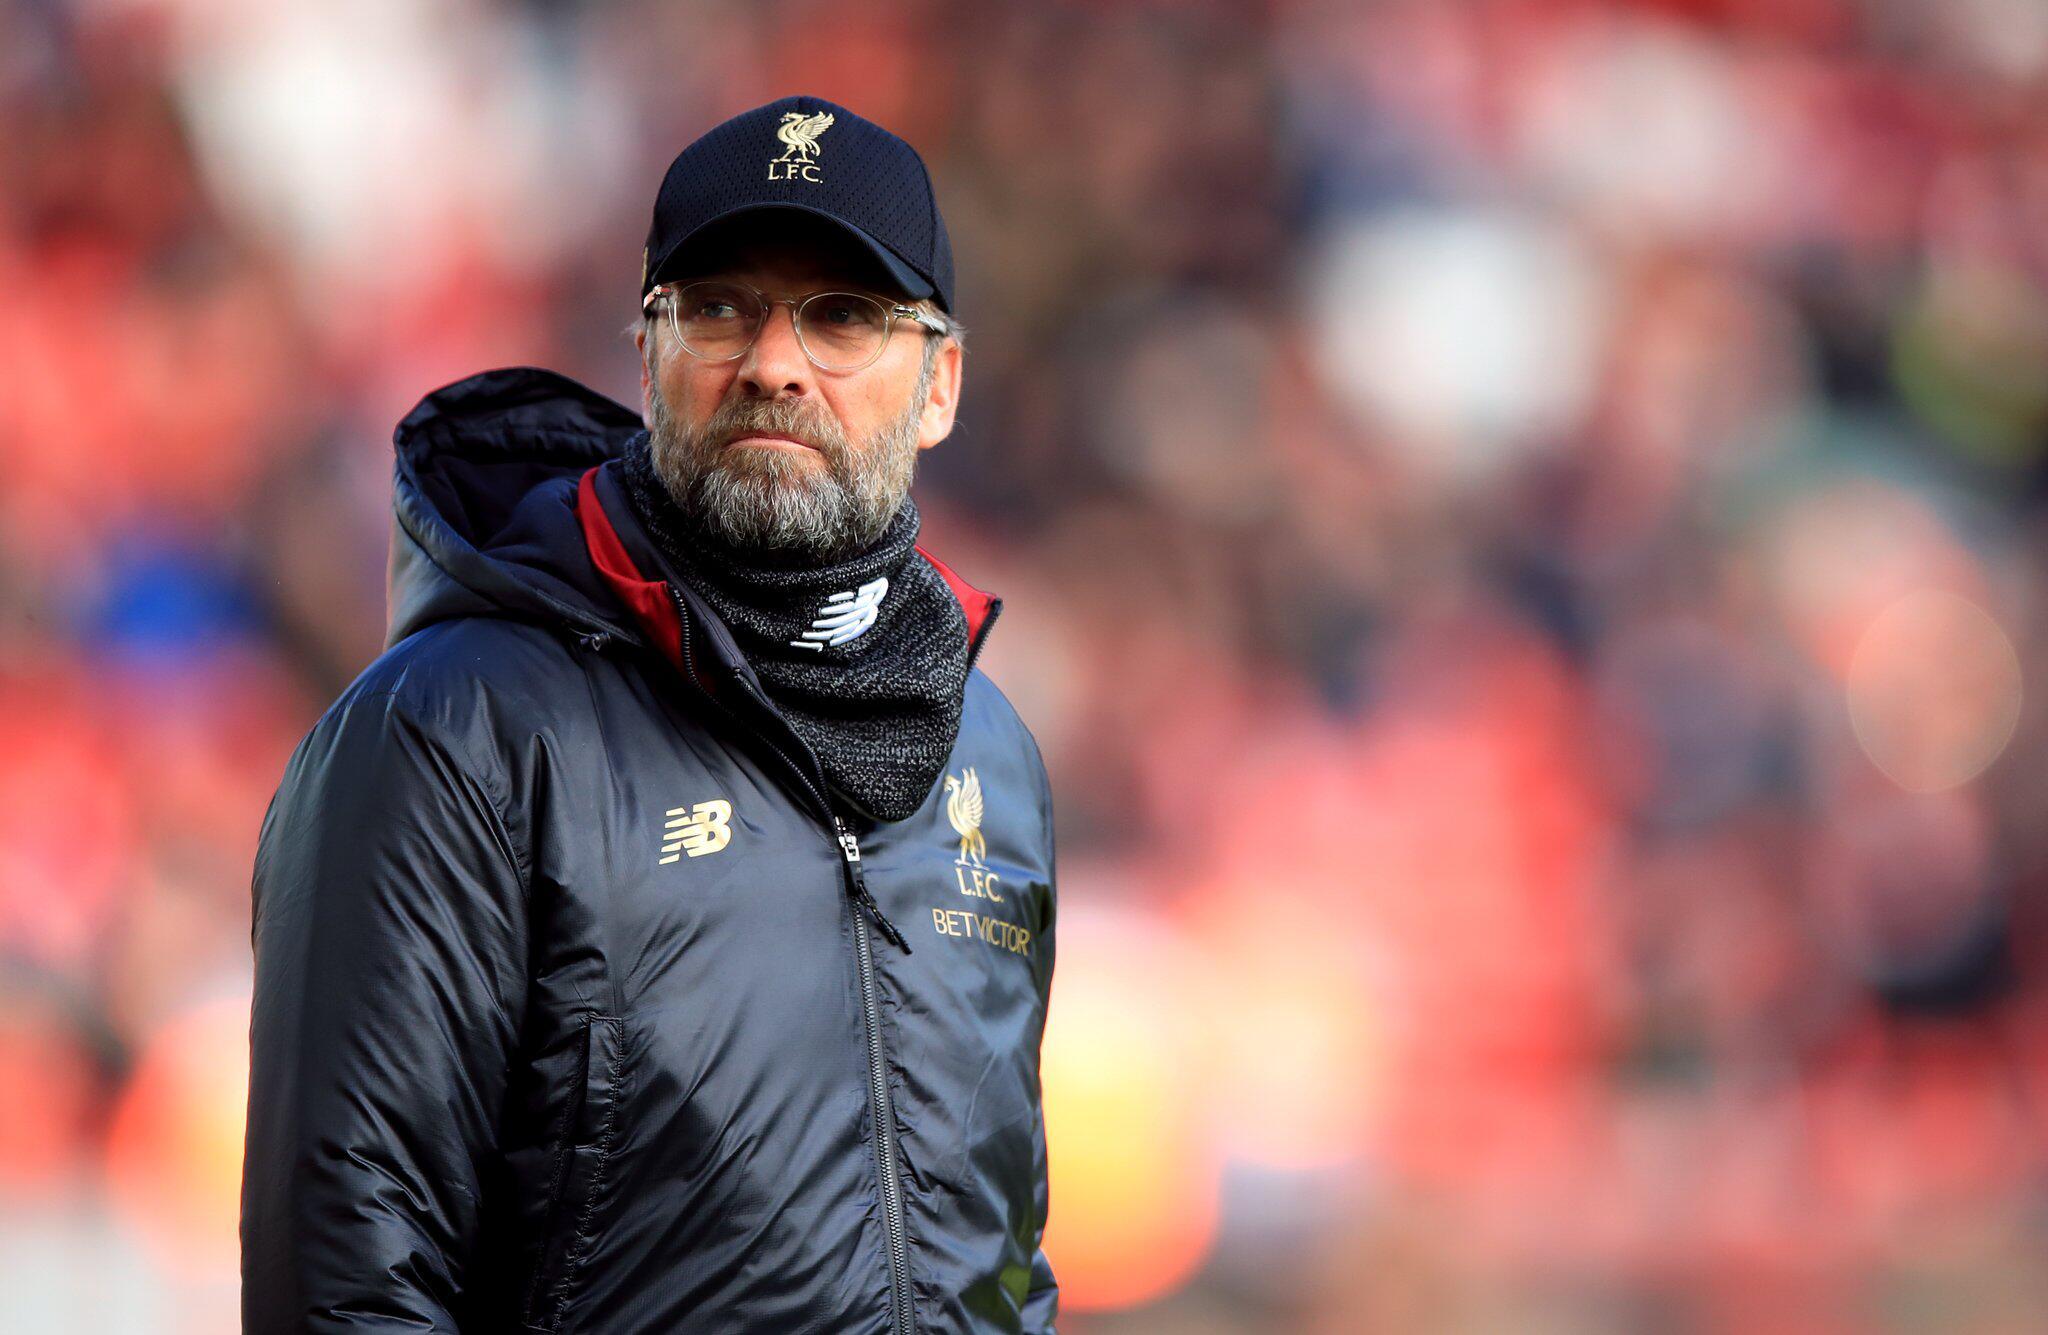 Bild zu FC Liverpool, Jürgen Klopp, AFC Bournemouth, Premier League